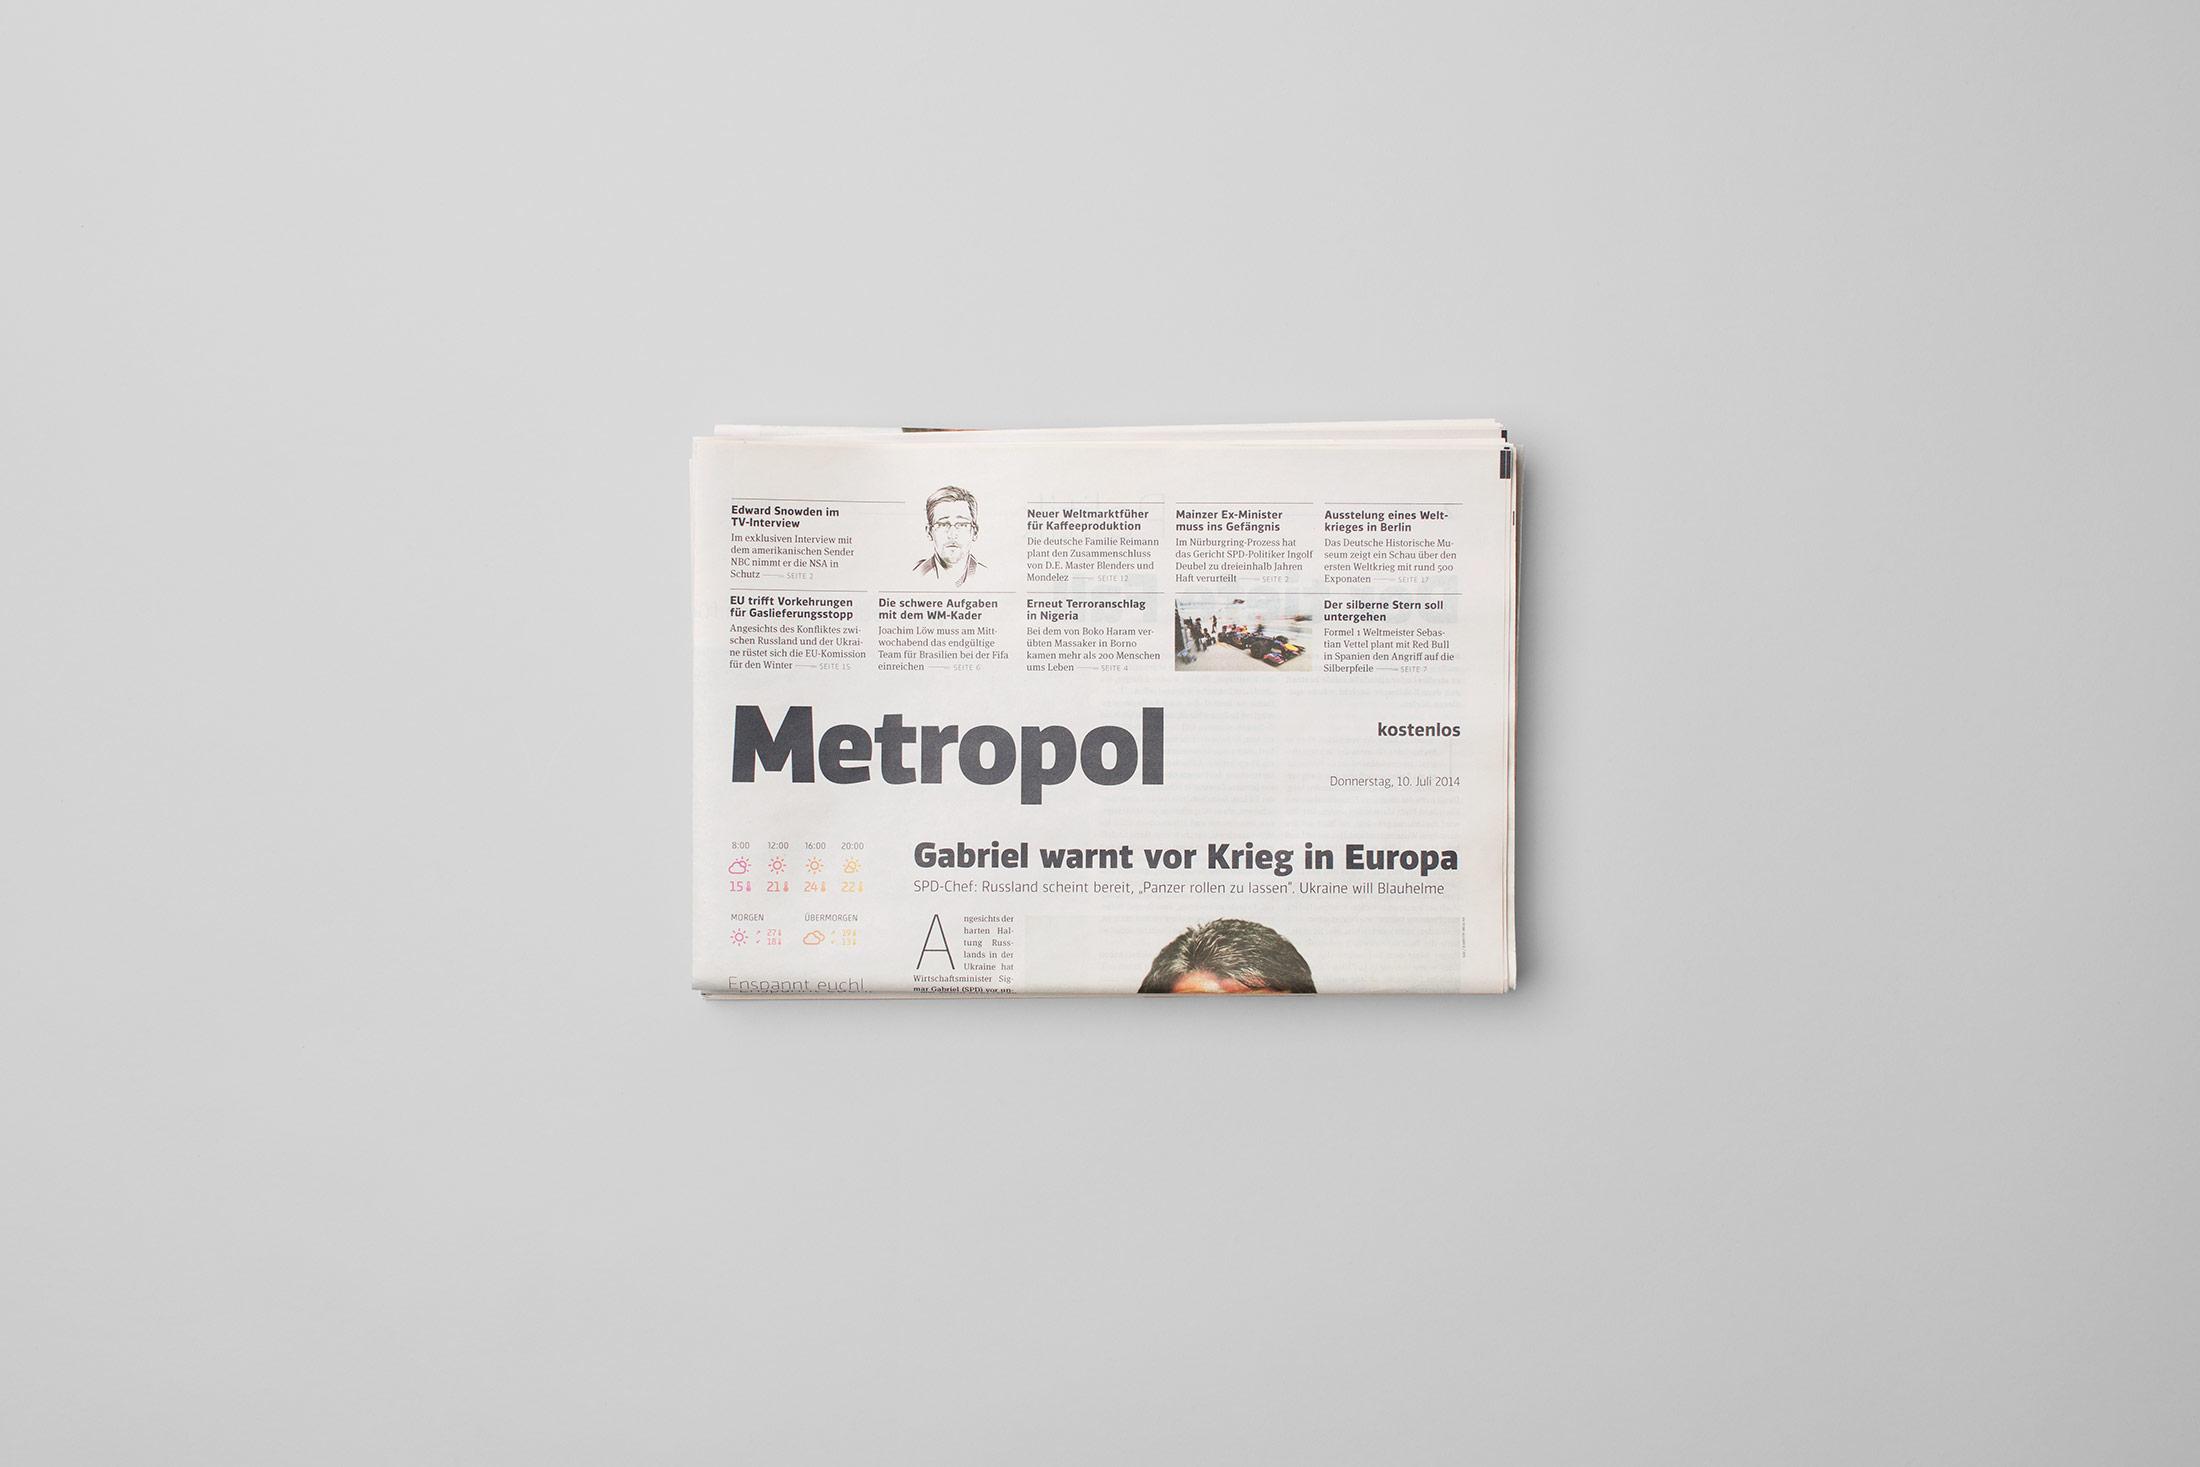 Metropol_01-Mitja_Schneehage